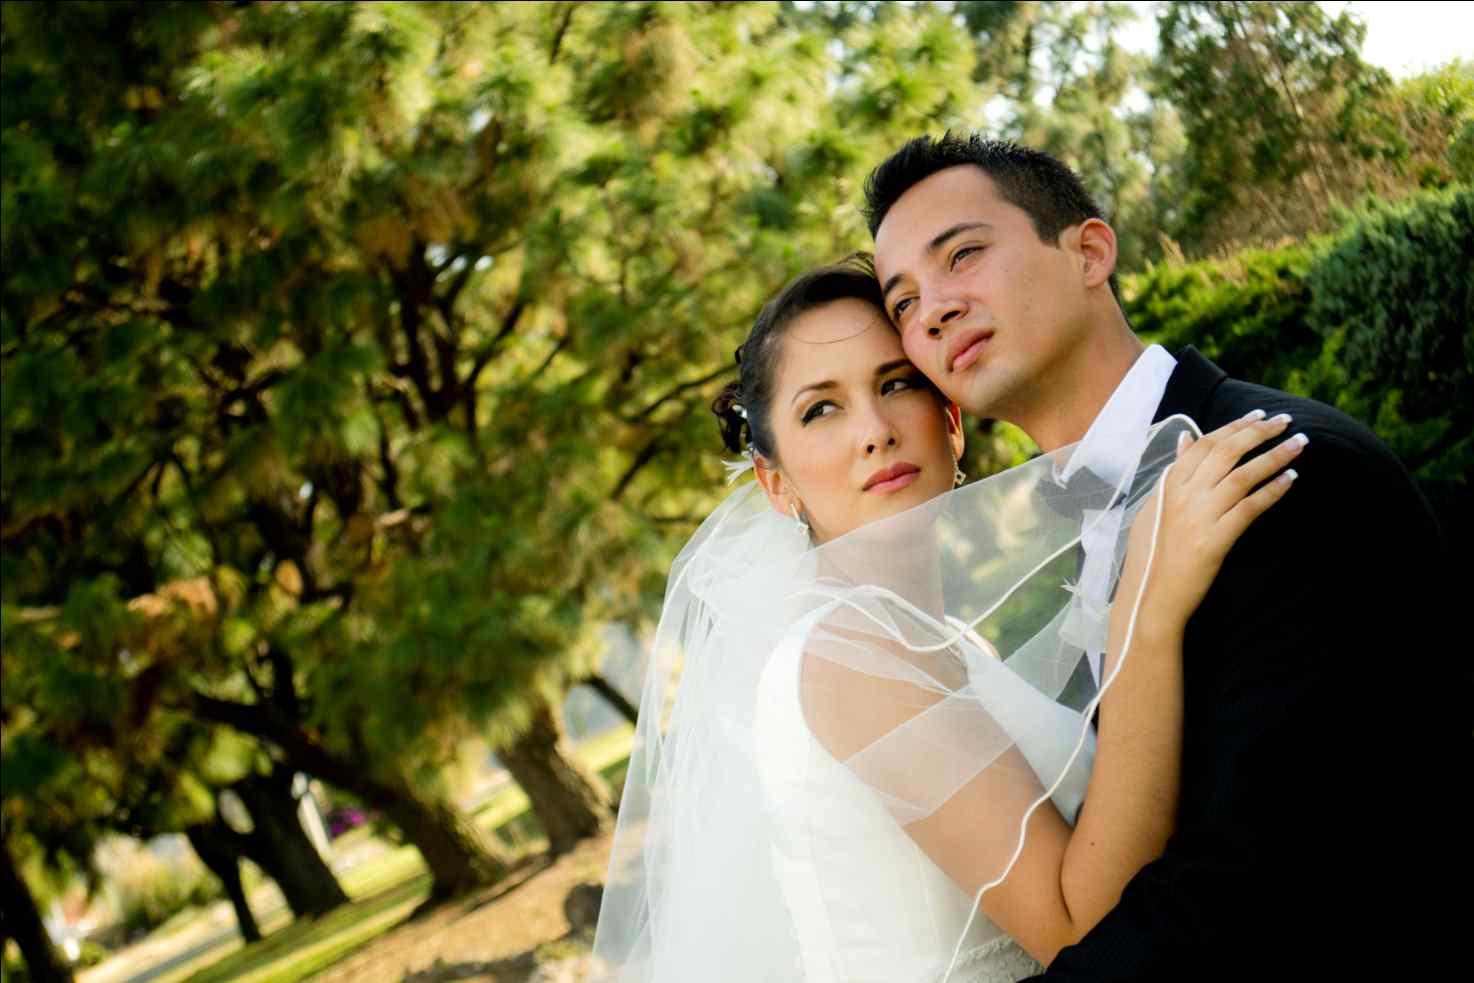 fotografias-boda-fotografos-recomendados-guadalajara-jalisco-mexico